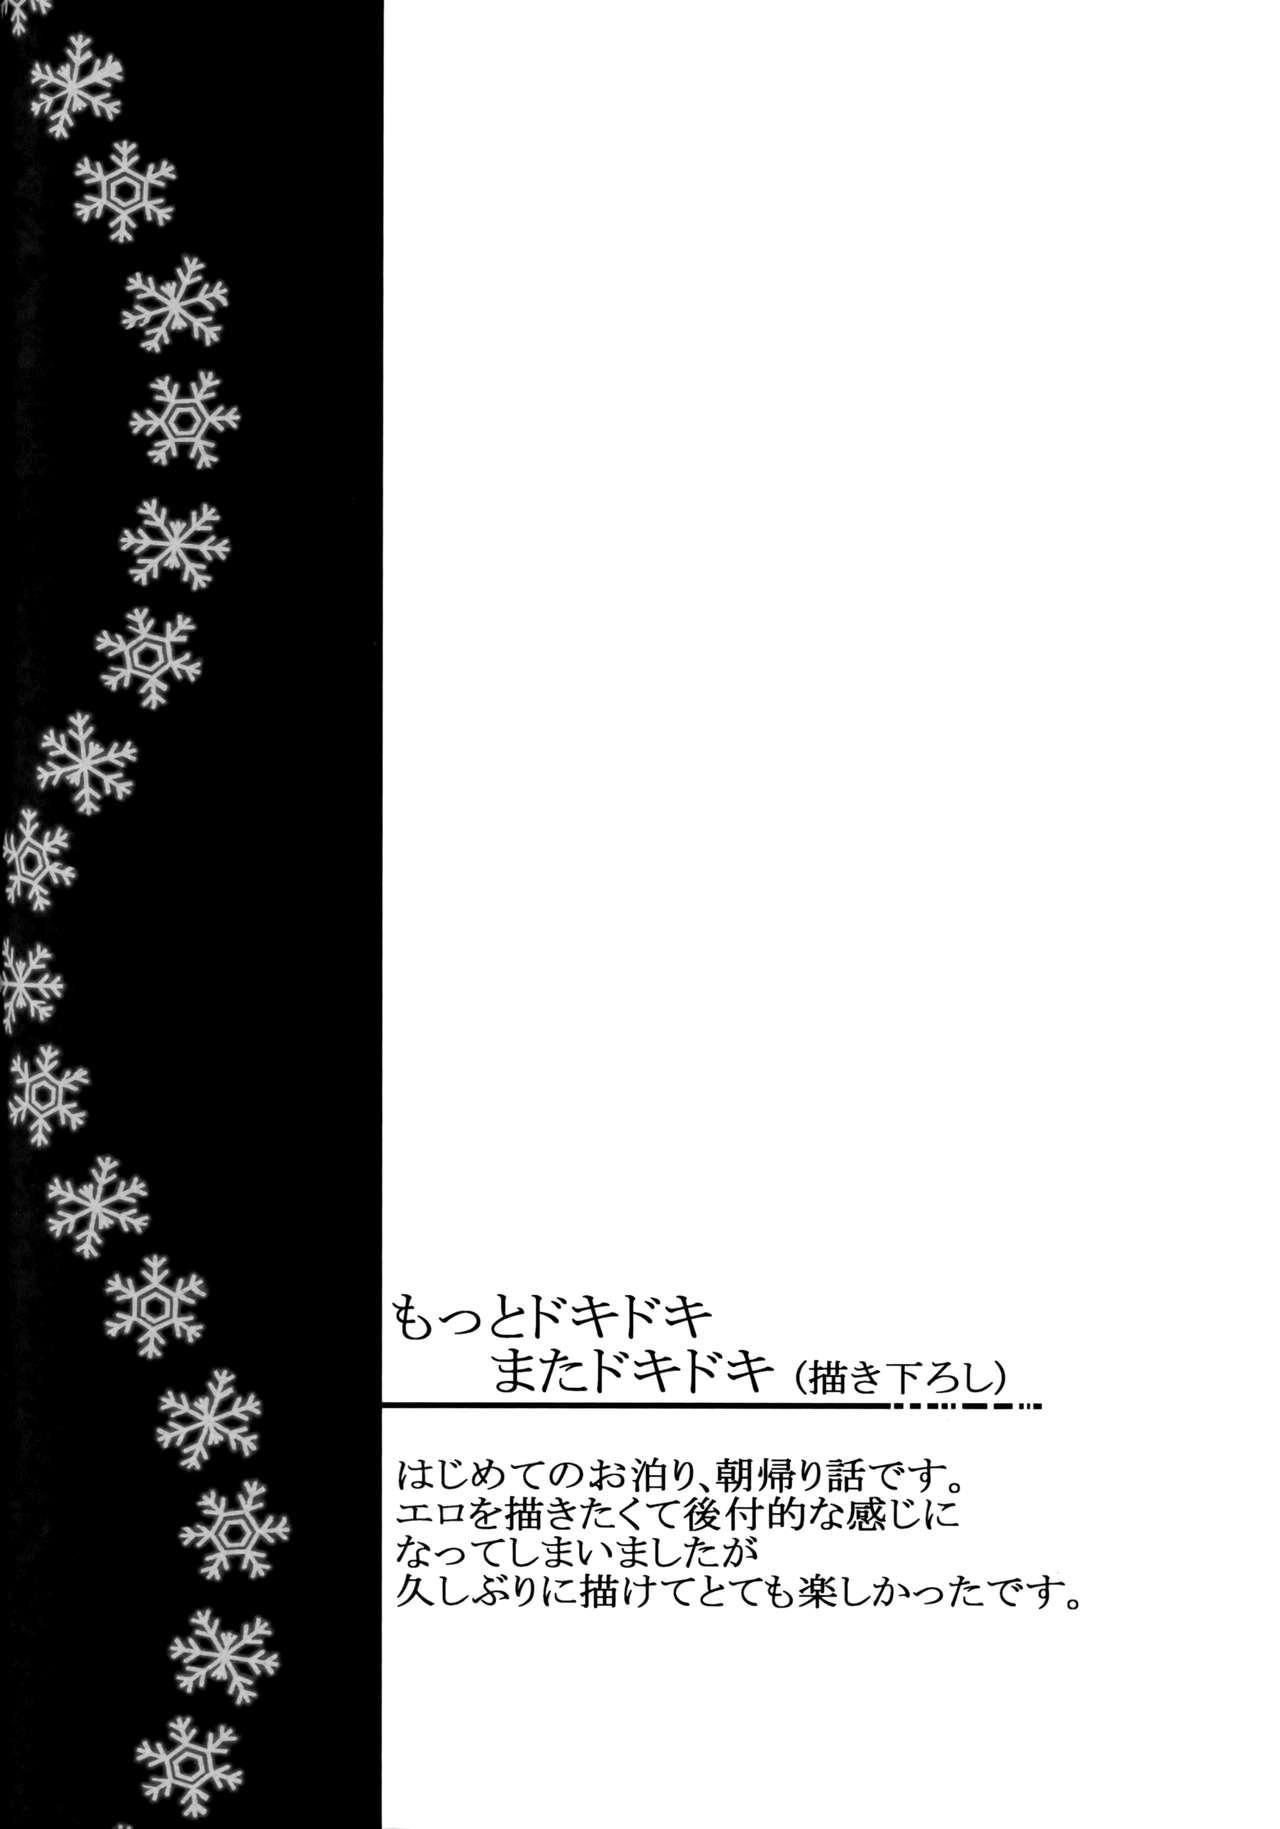 Fuyuiro Memories - Winter Color Memories 274